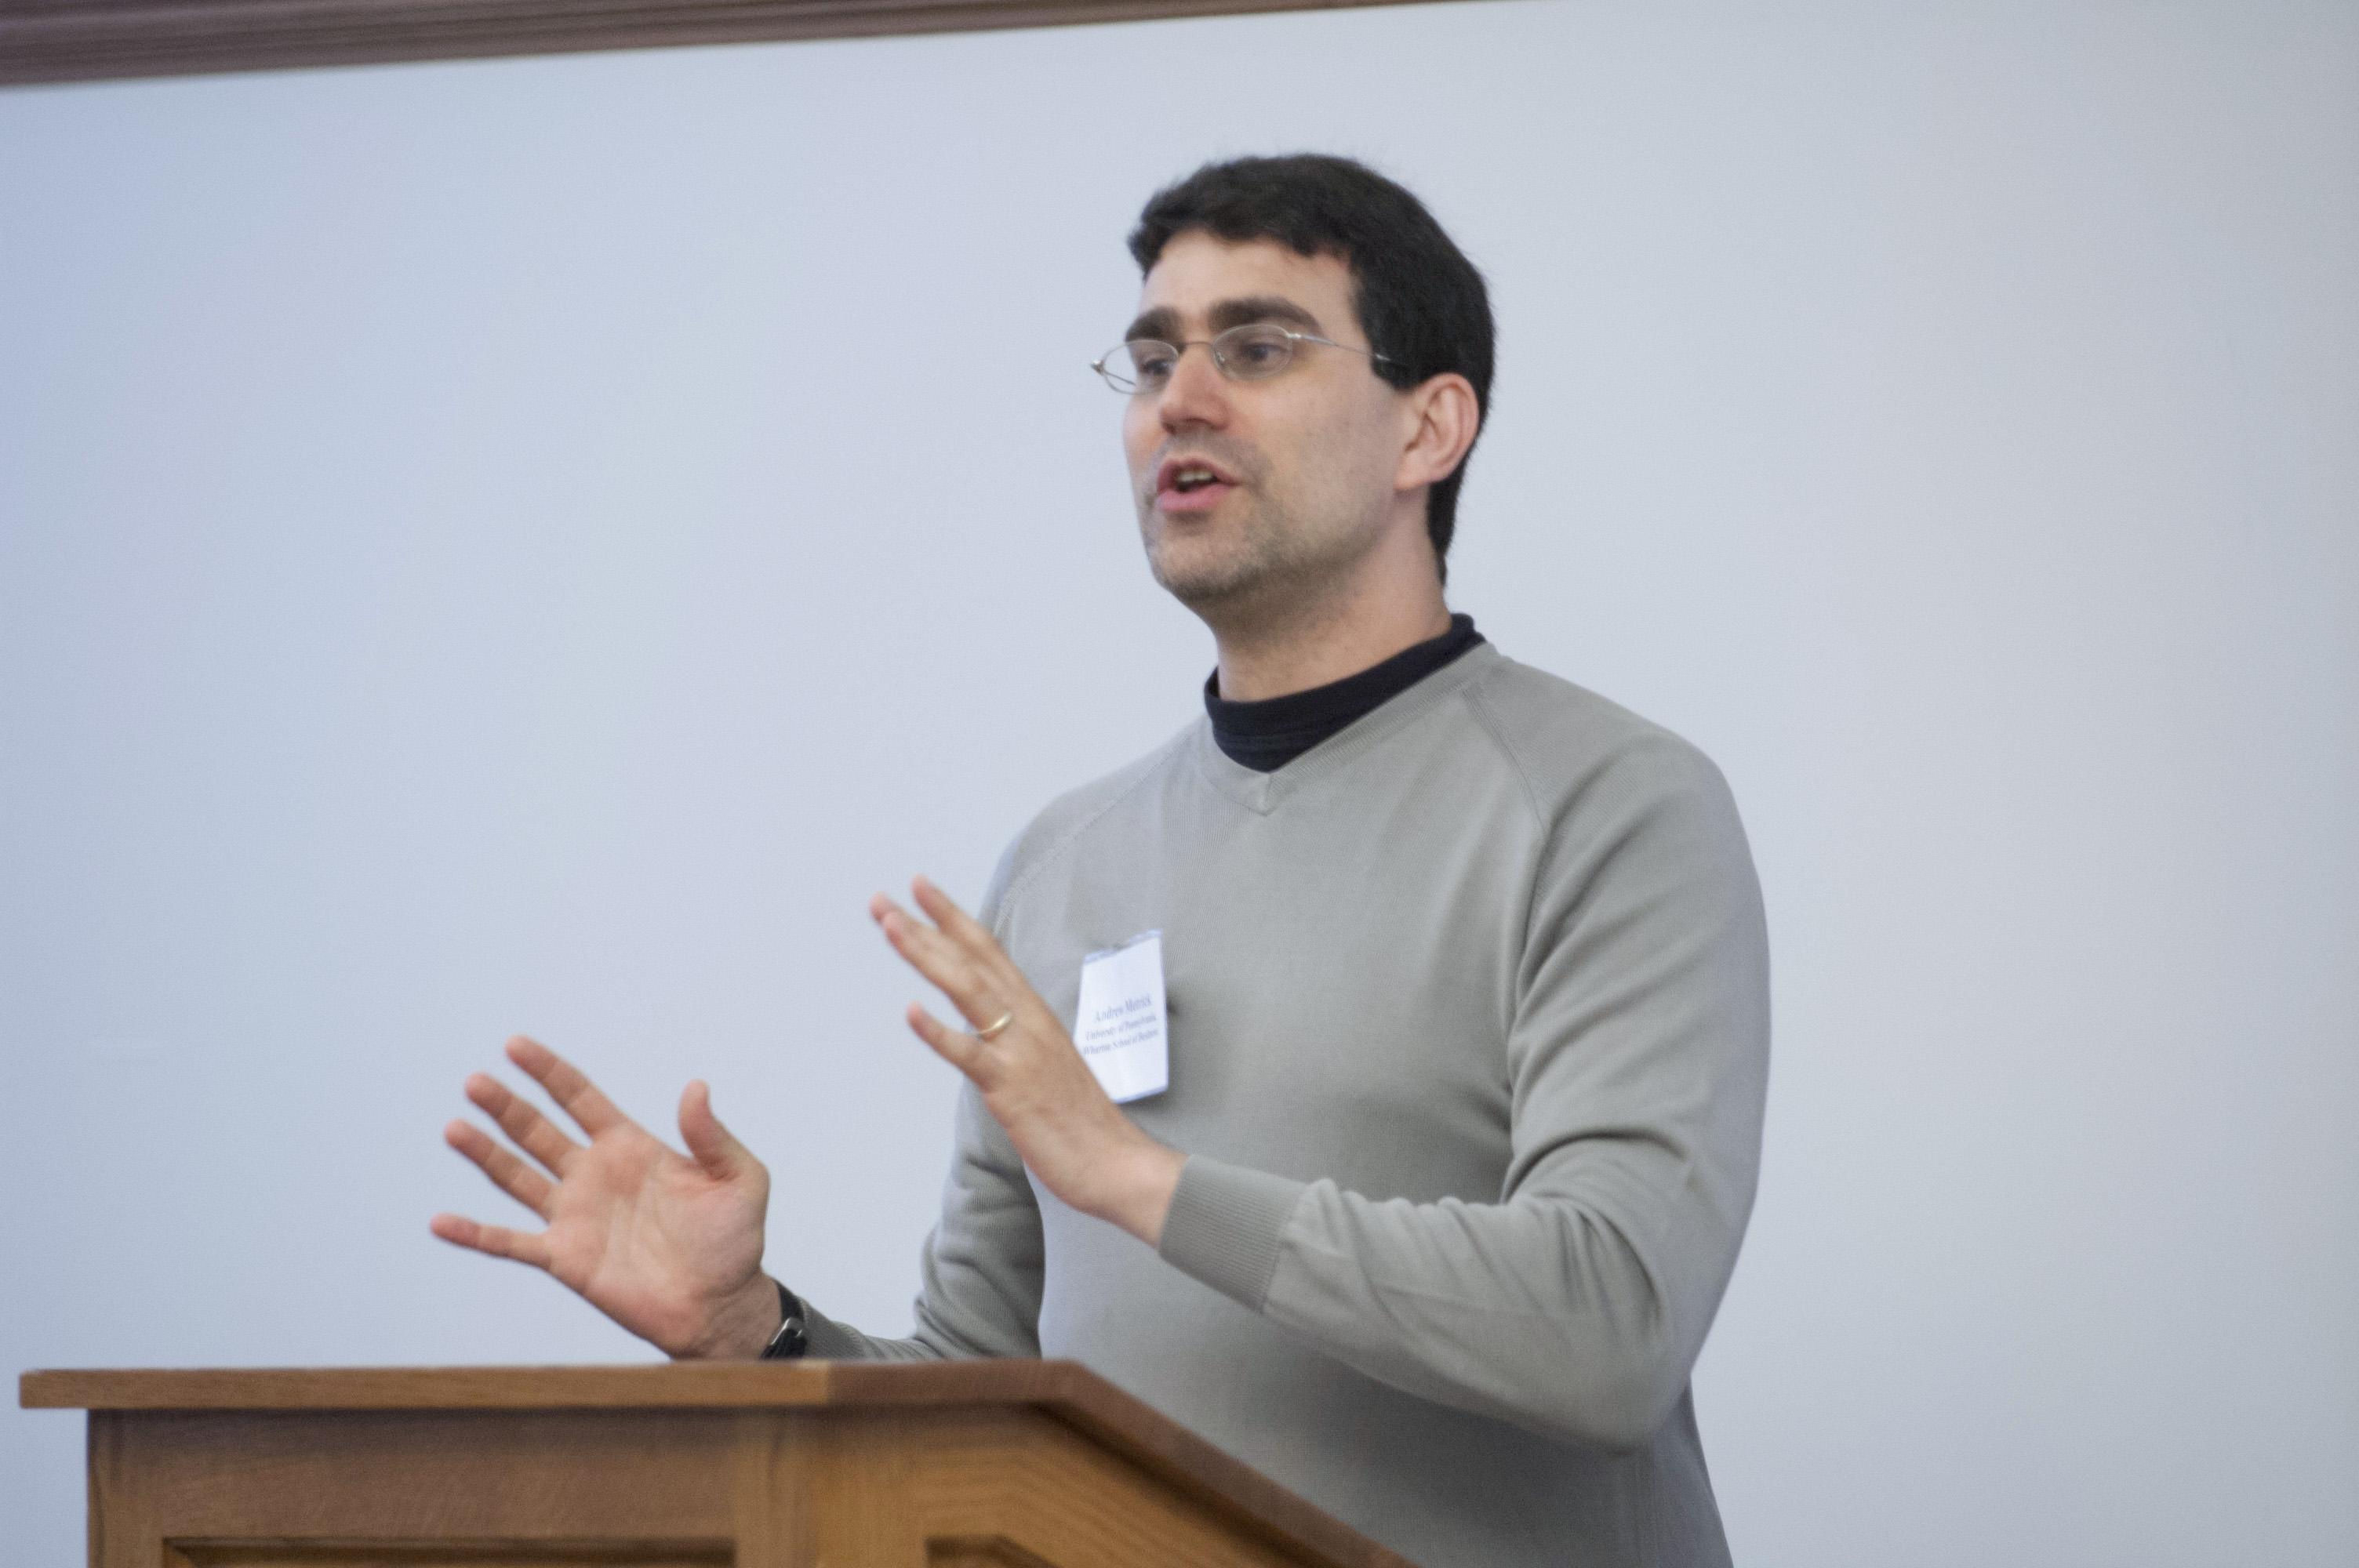 Yale SOM Prof. Andrew Metrick